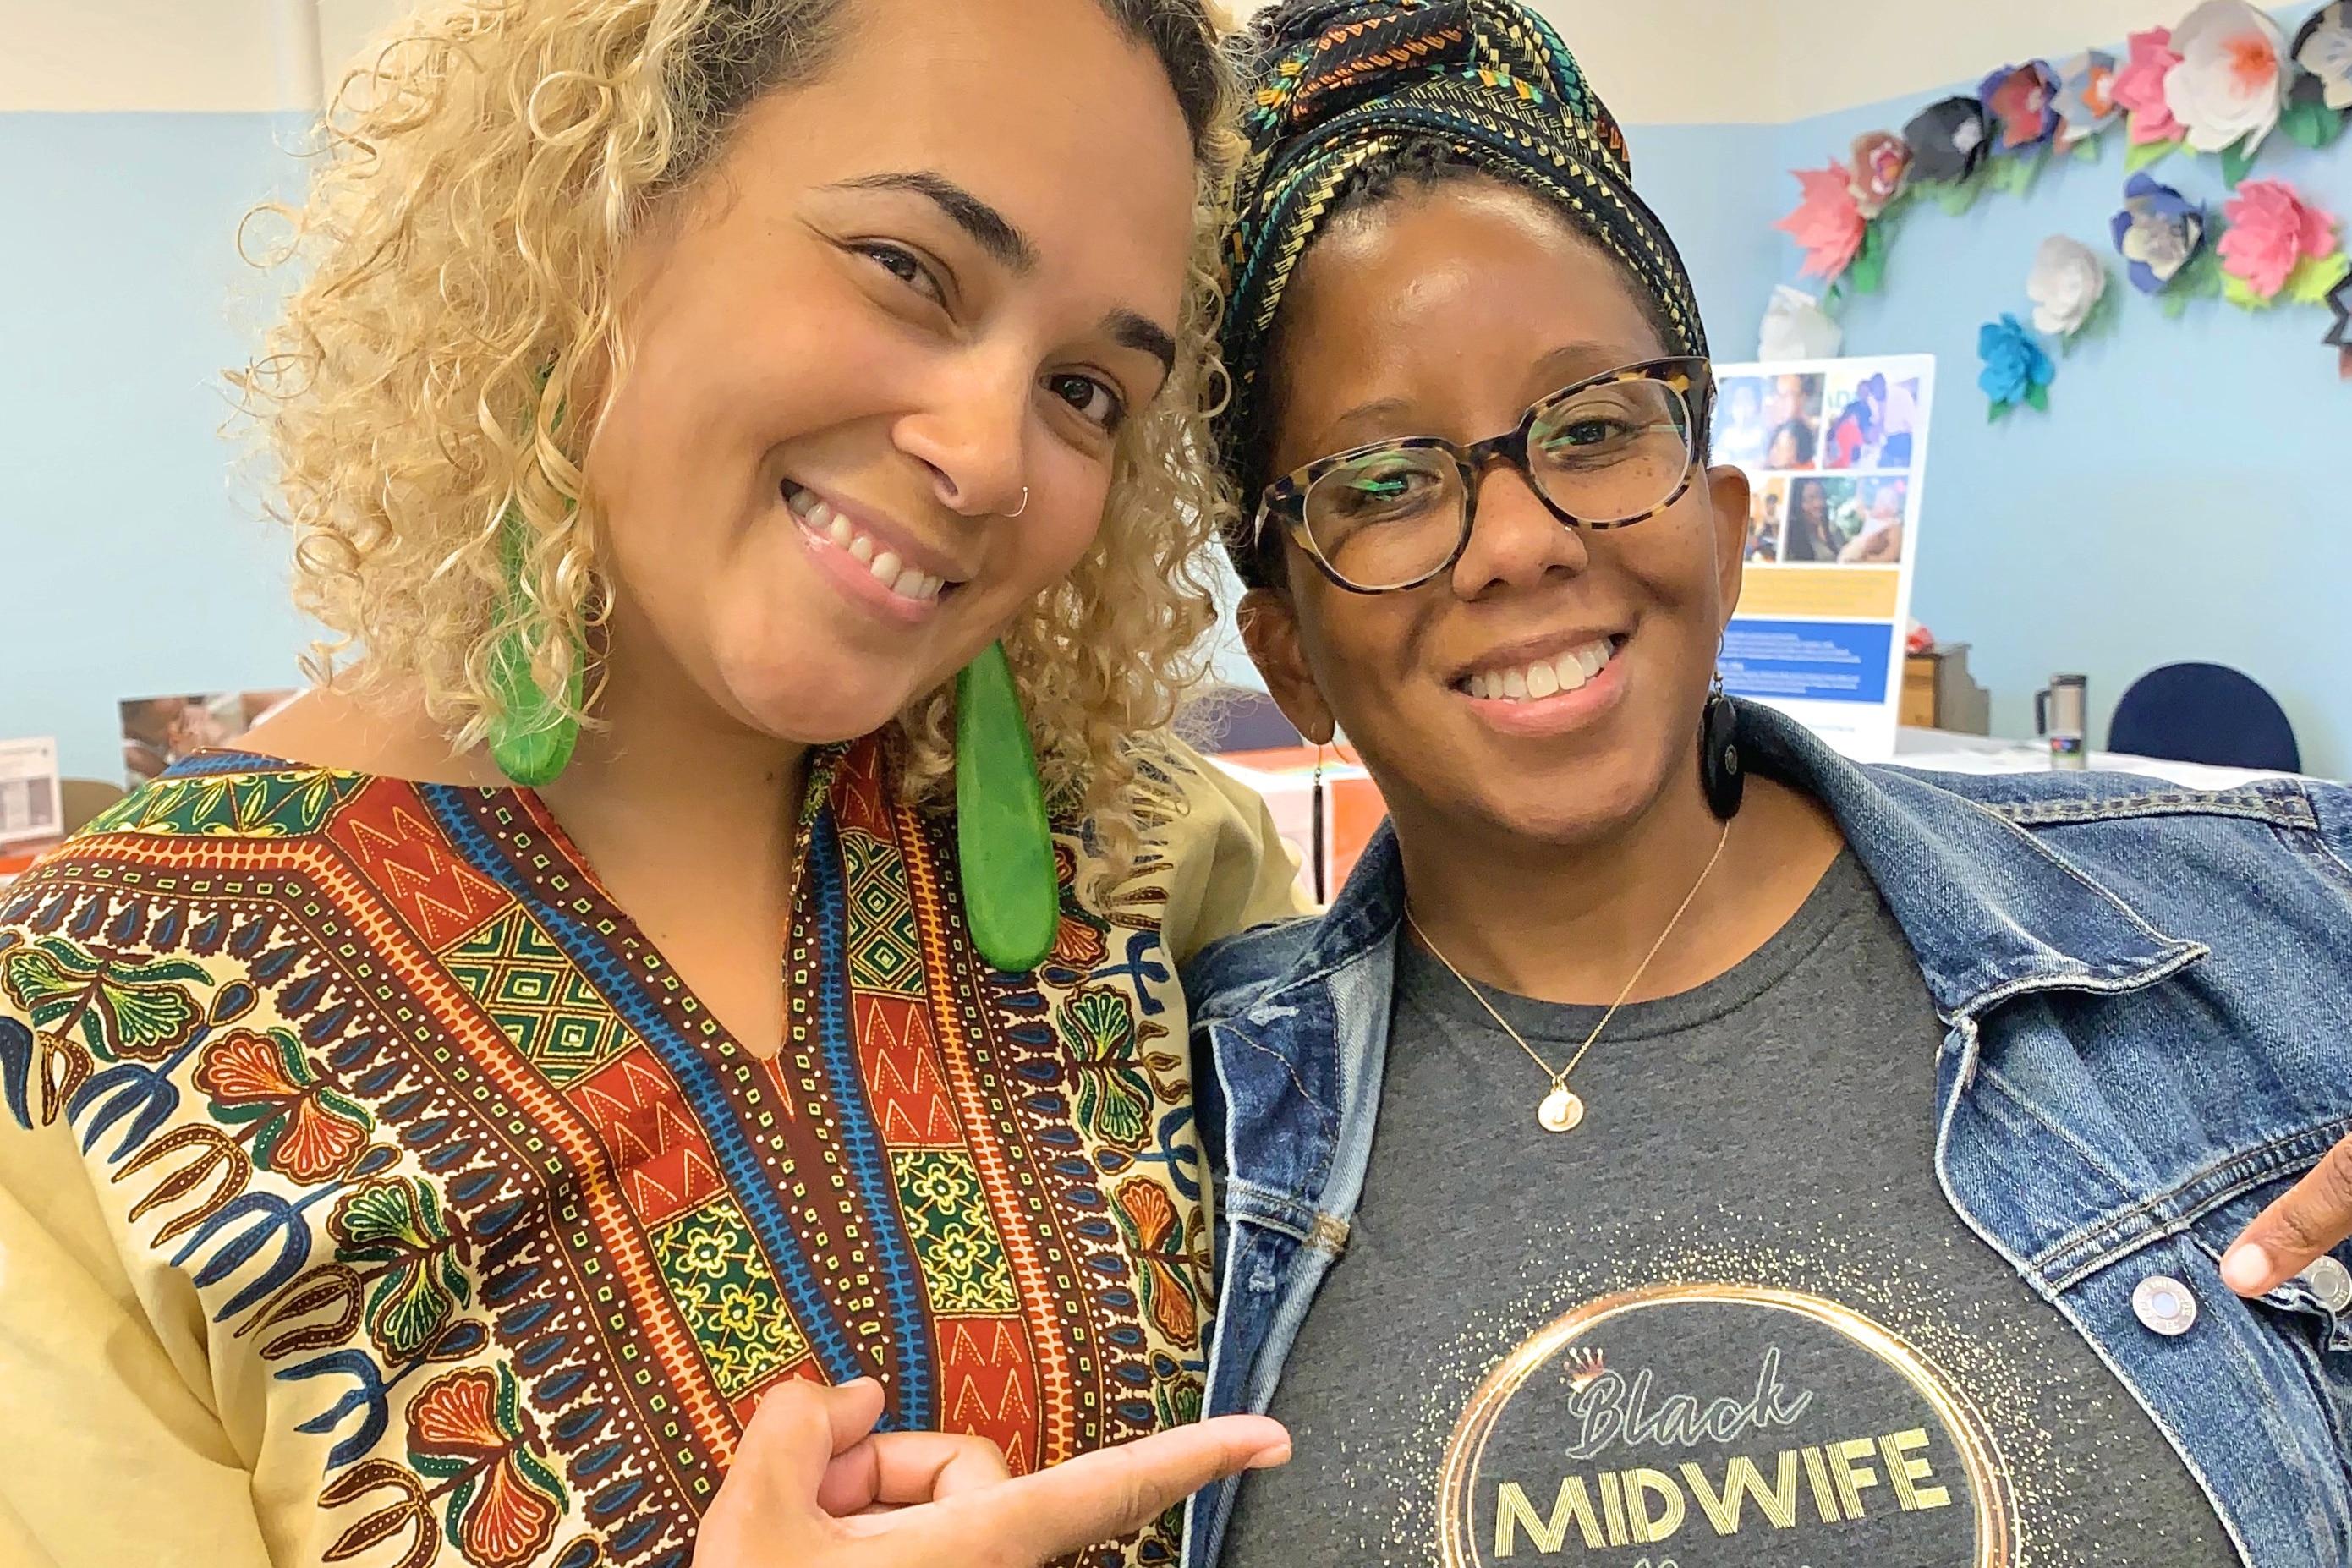 nashira and midwife